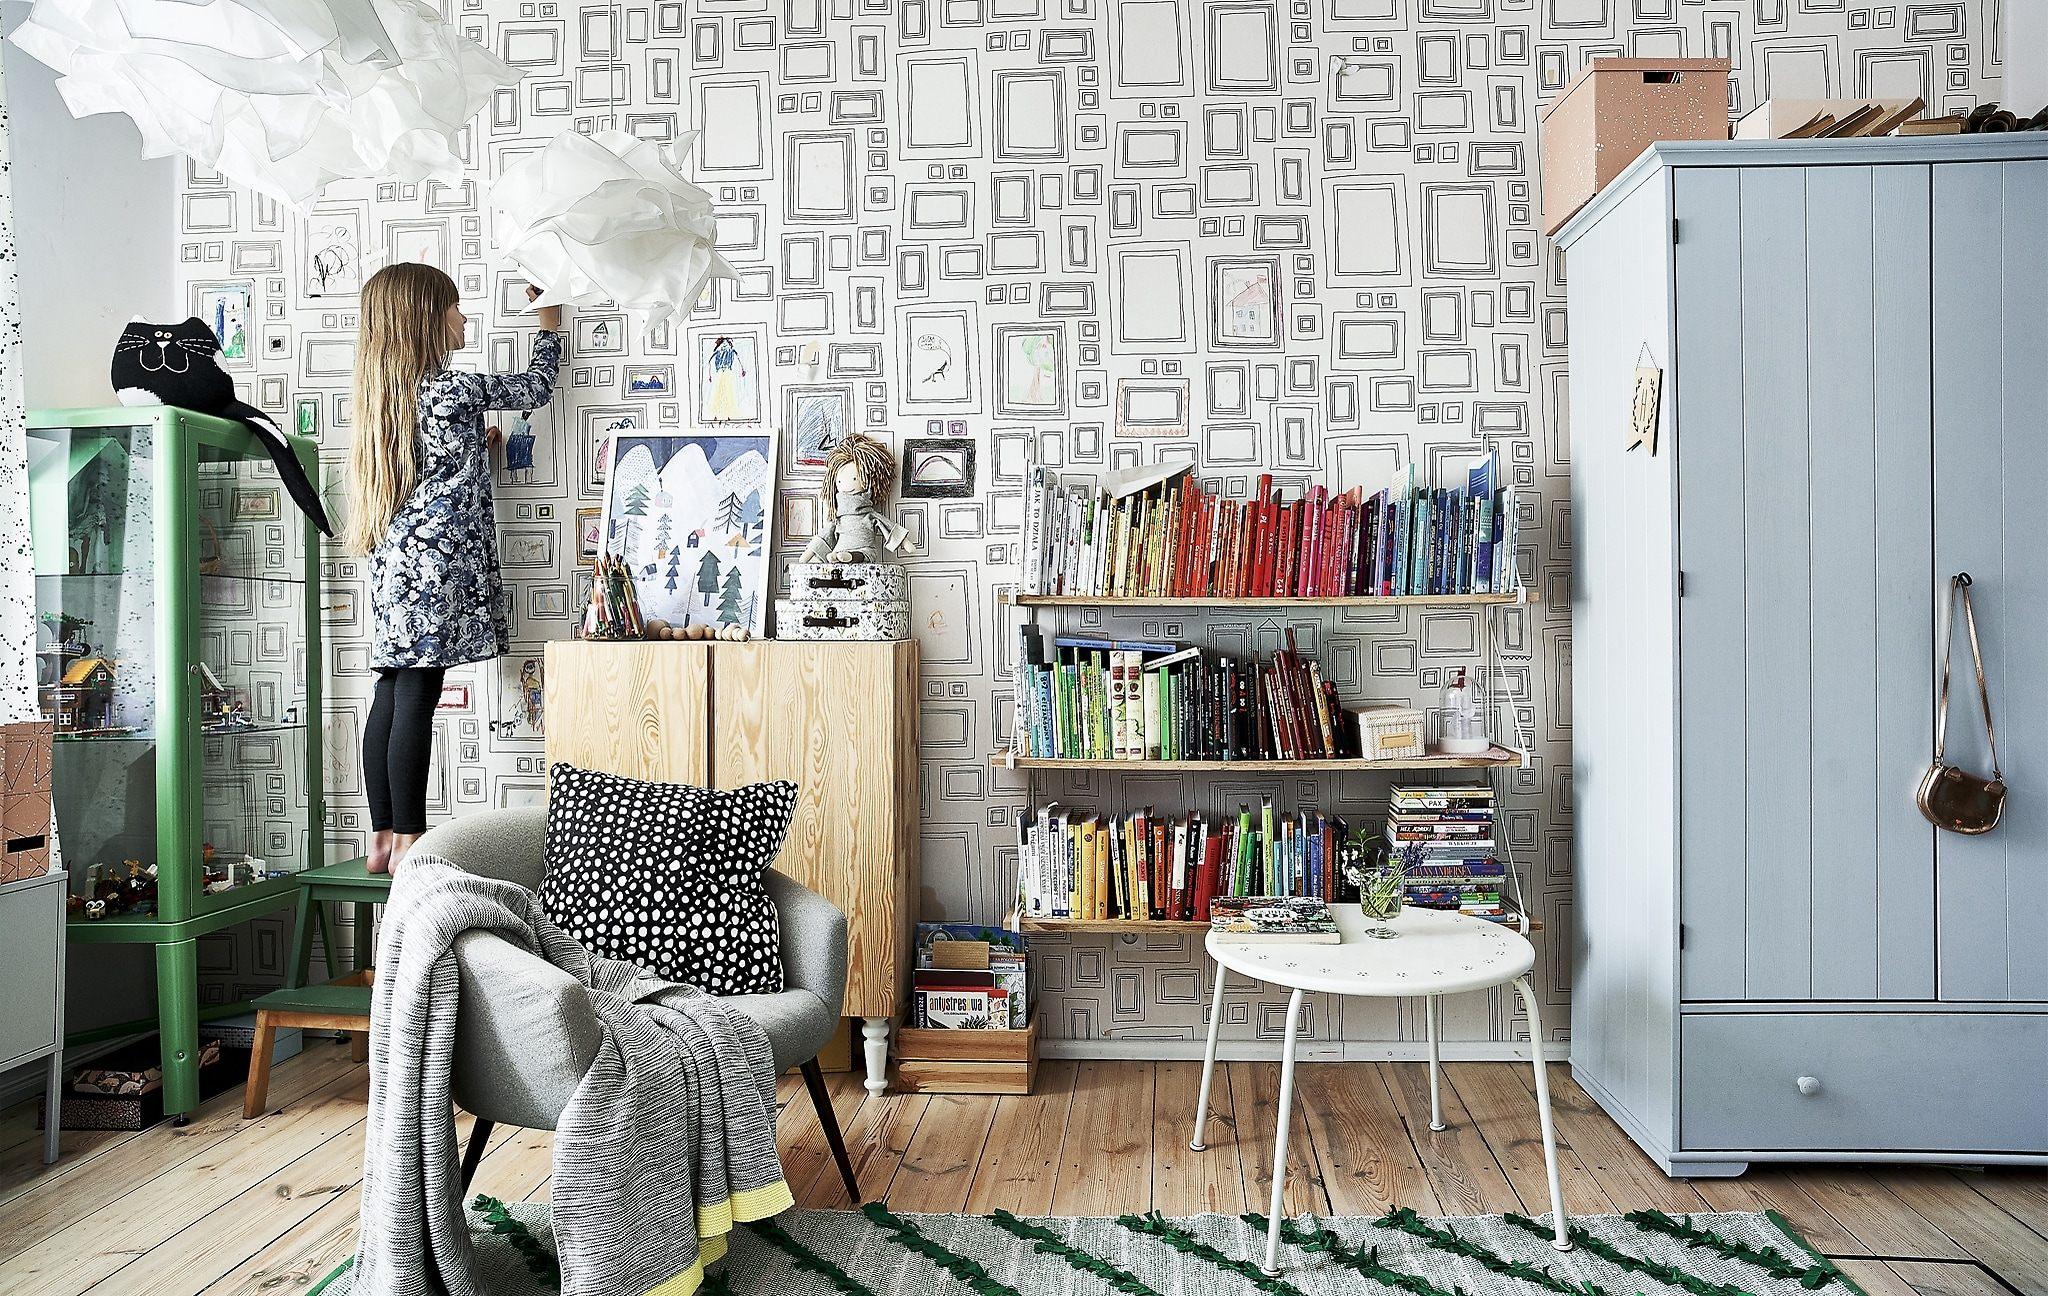 Lit D Enfant Ikea Le Luxe Créez Une Chambre D Enfant Qui Stimule La Créativité Ikea